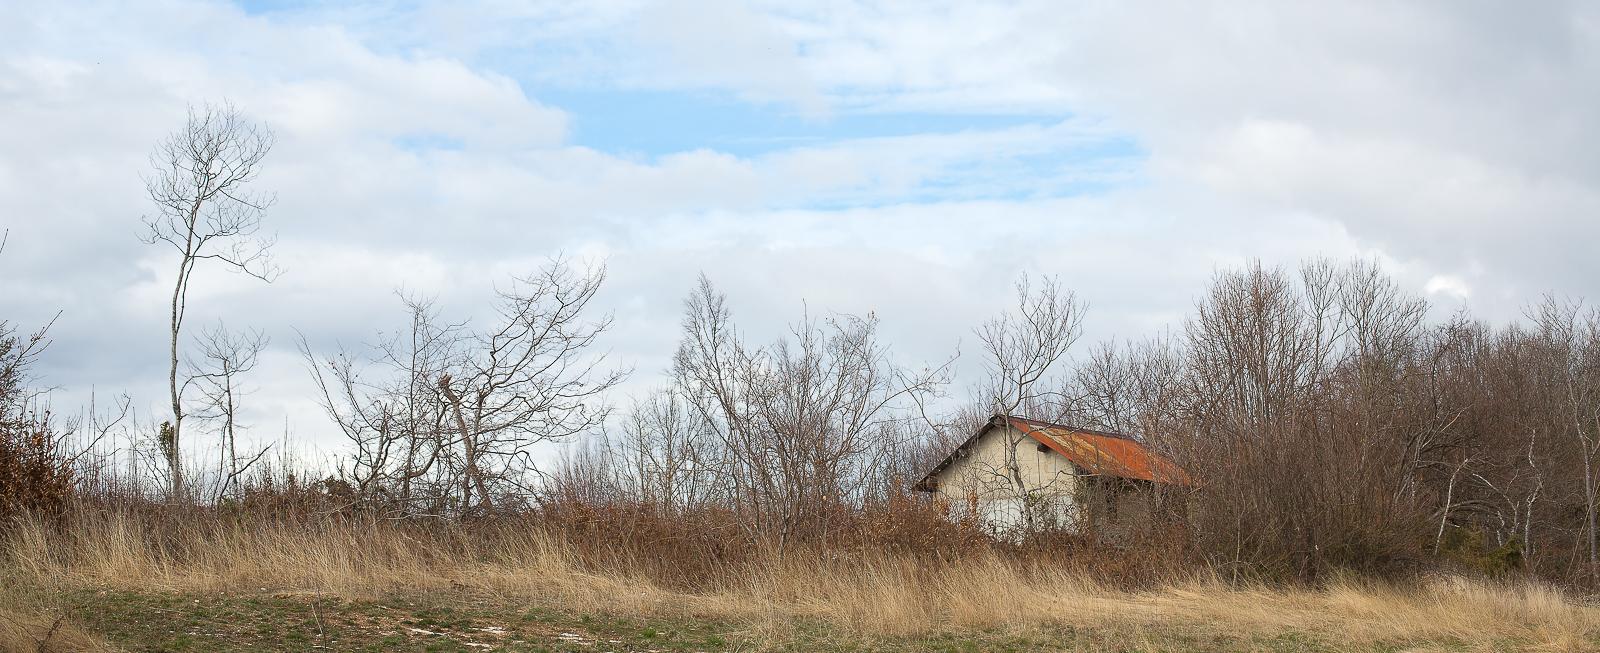 projet 52 - Vielle maison abandonnée en Savoie